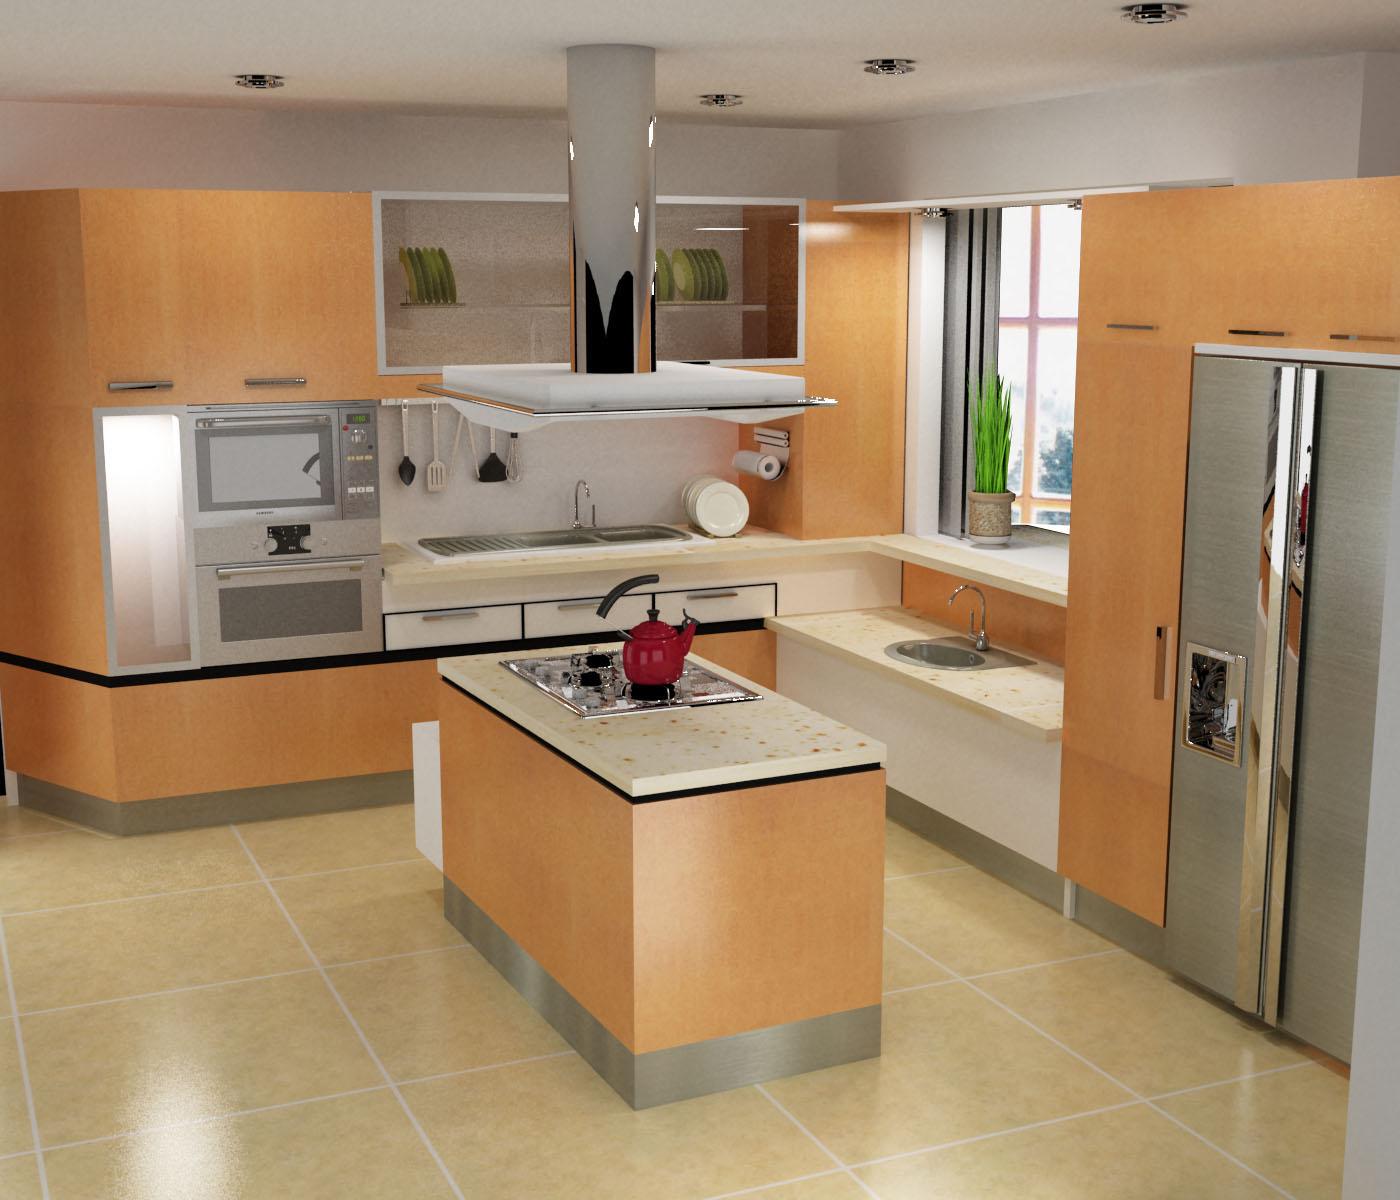 Juegos de decorar cocina - Cocina comedor ideas ...